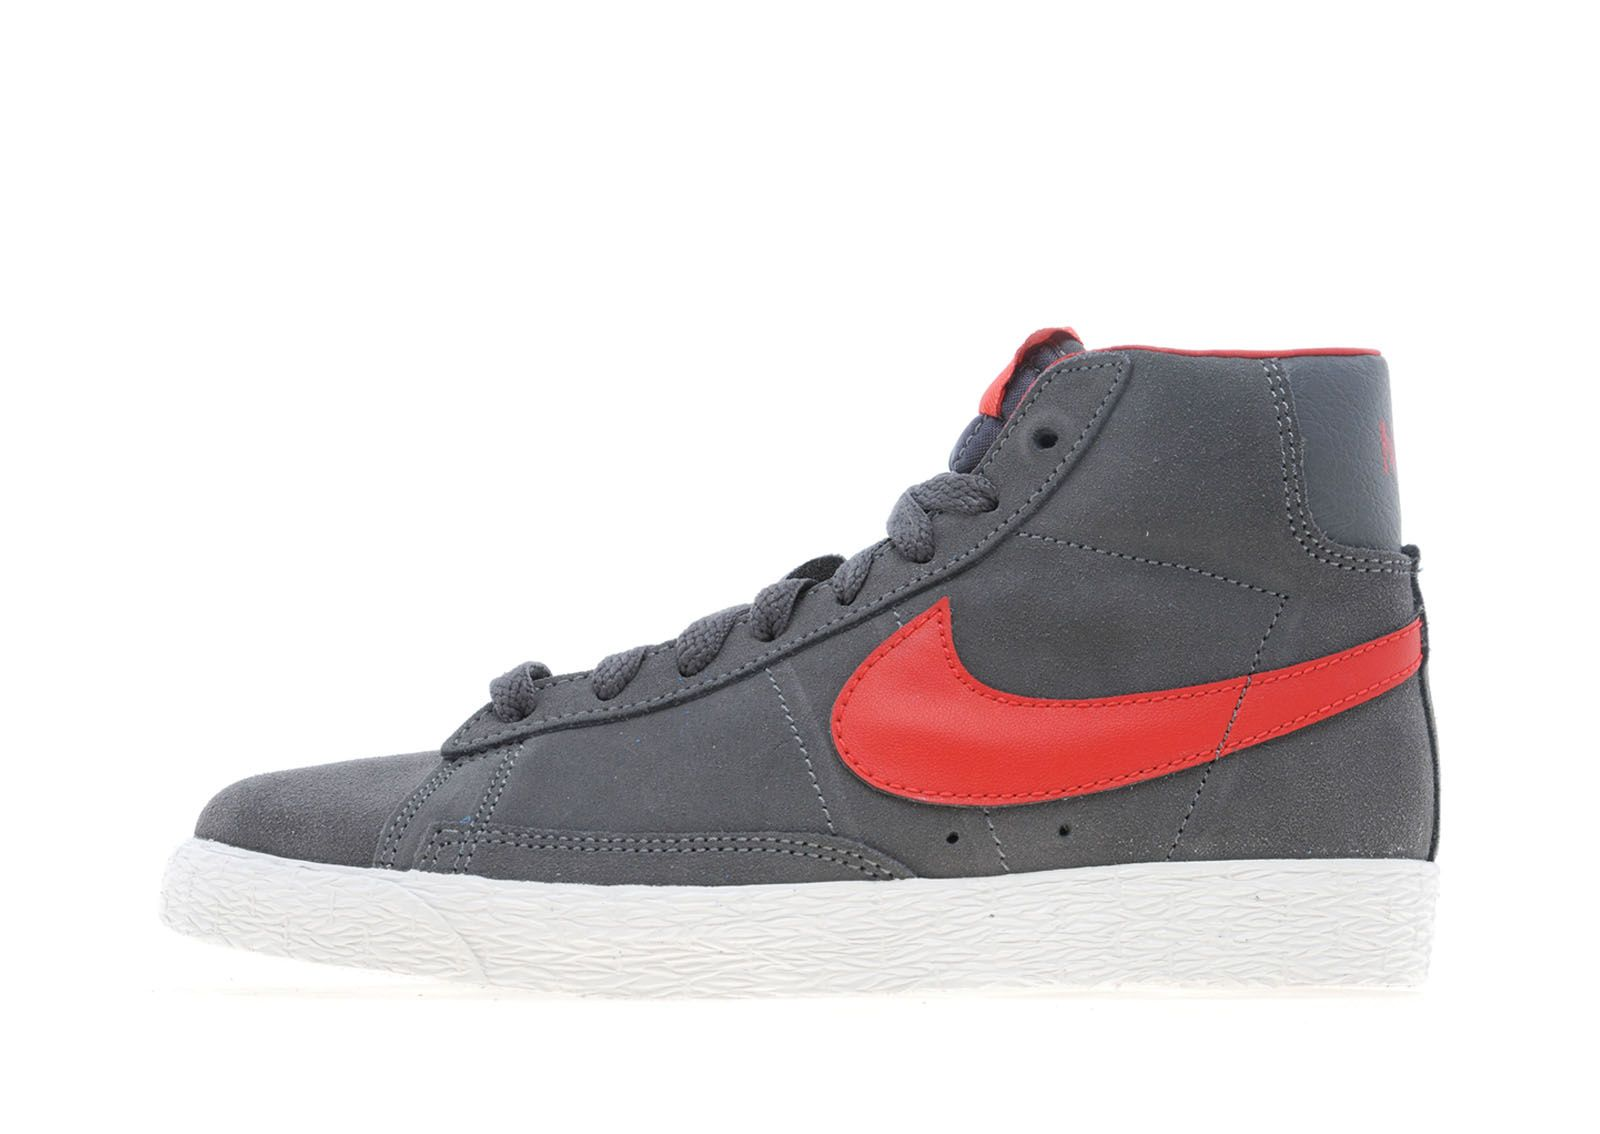 Nike Blazer Mid Suede Childrens